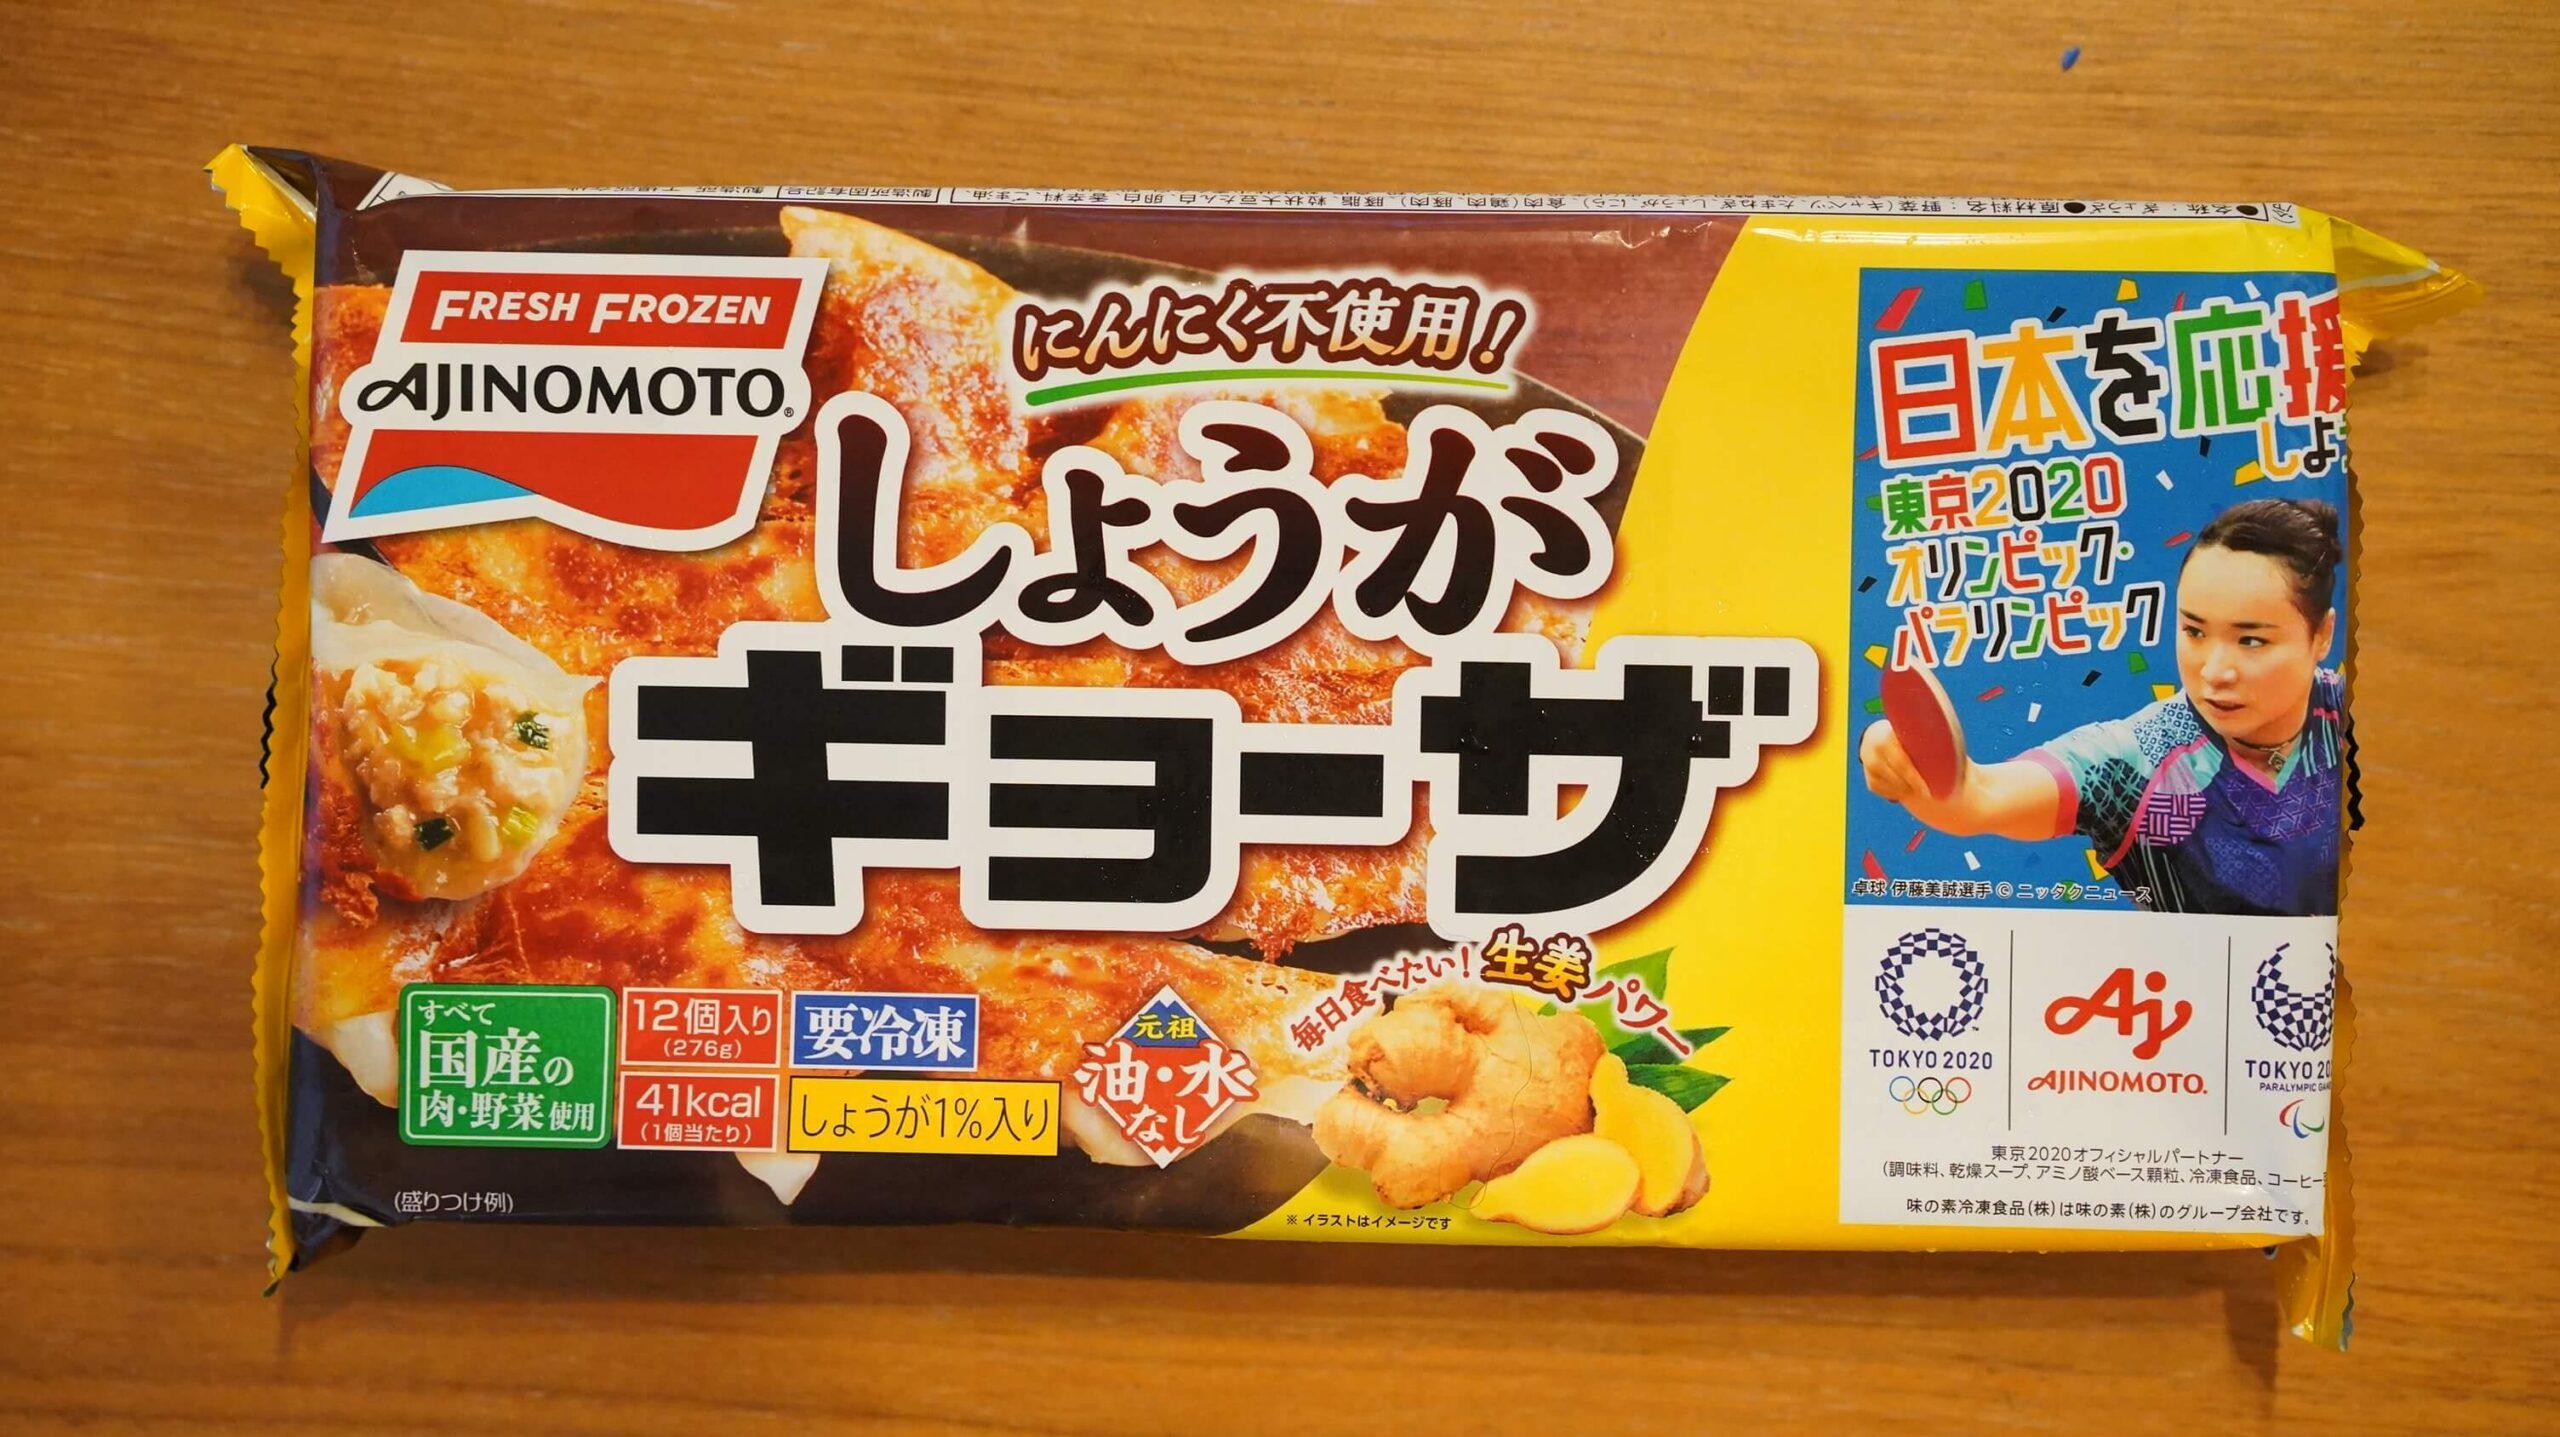 味の素の冷凍食品「生姜好きのためのギョーザ」のパッケージ写真